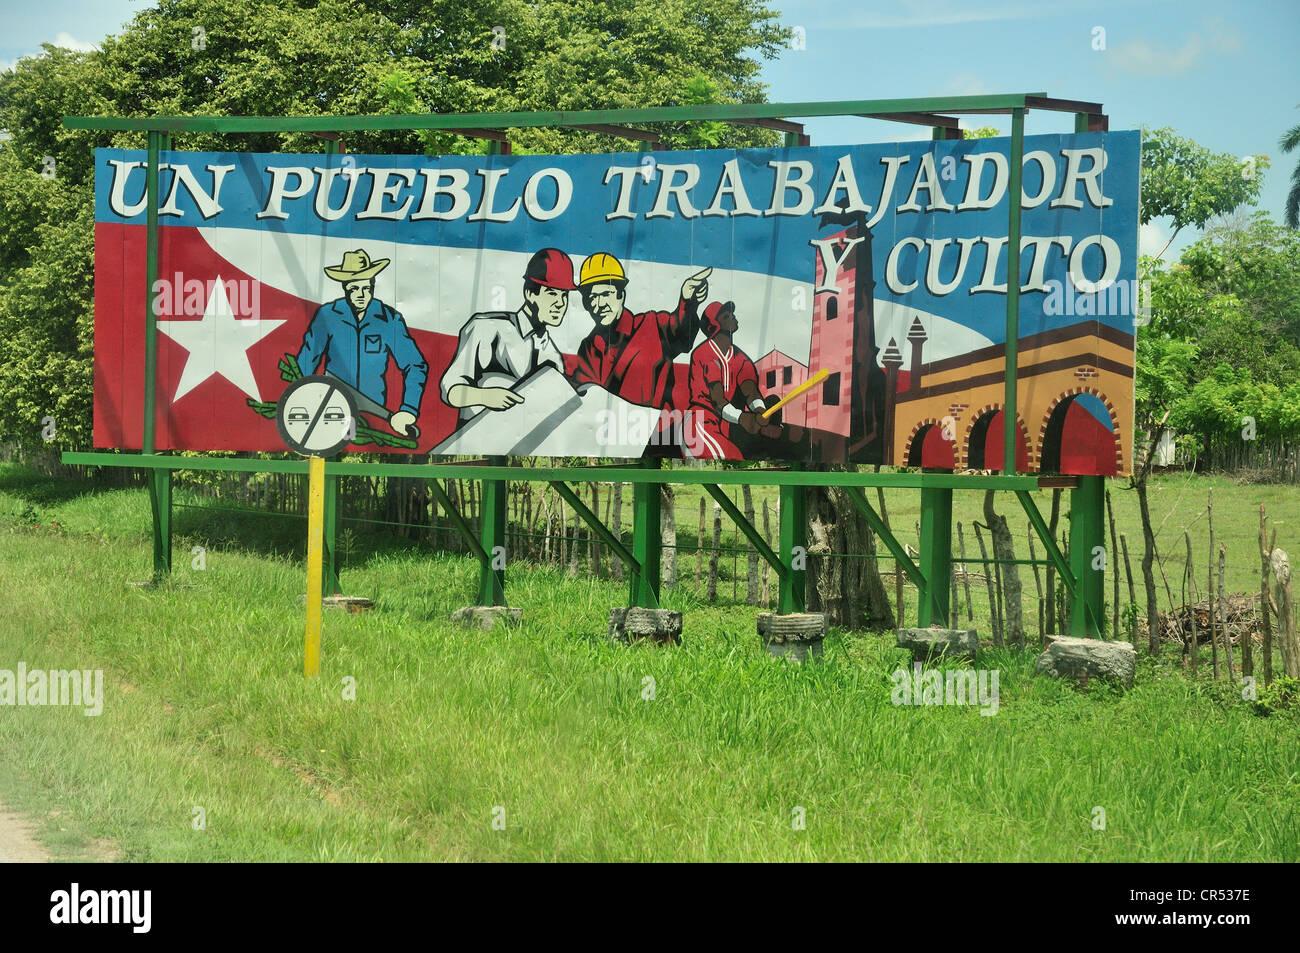 Revolutionary propaganda, Un pueblo trabajador y culto, An industrious and civilized people, near Las Tunas, Cuba, - Stock Image